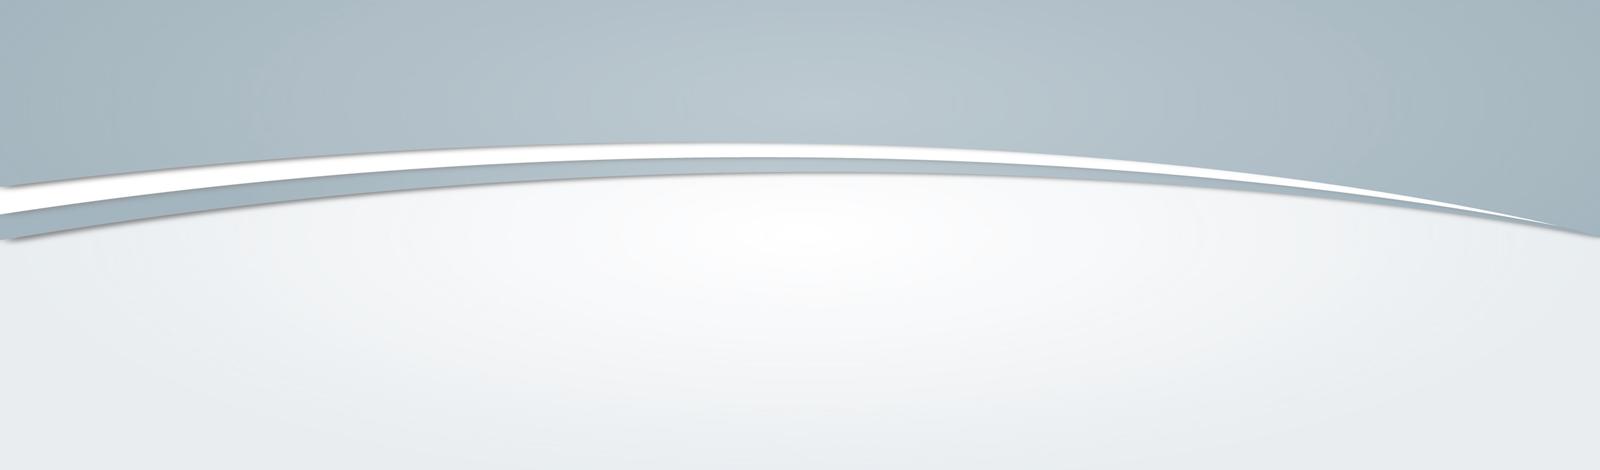 Rinaldi-Slider-inc5000-2015-1